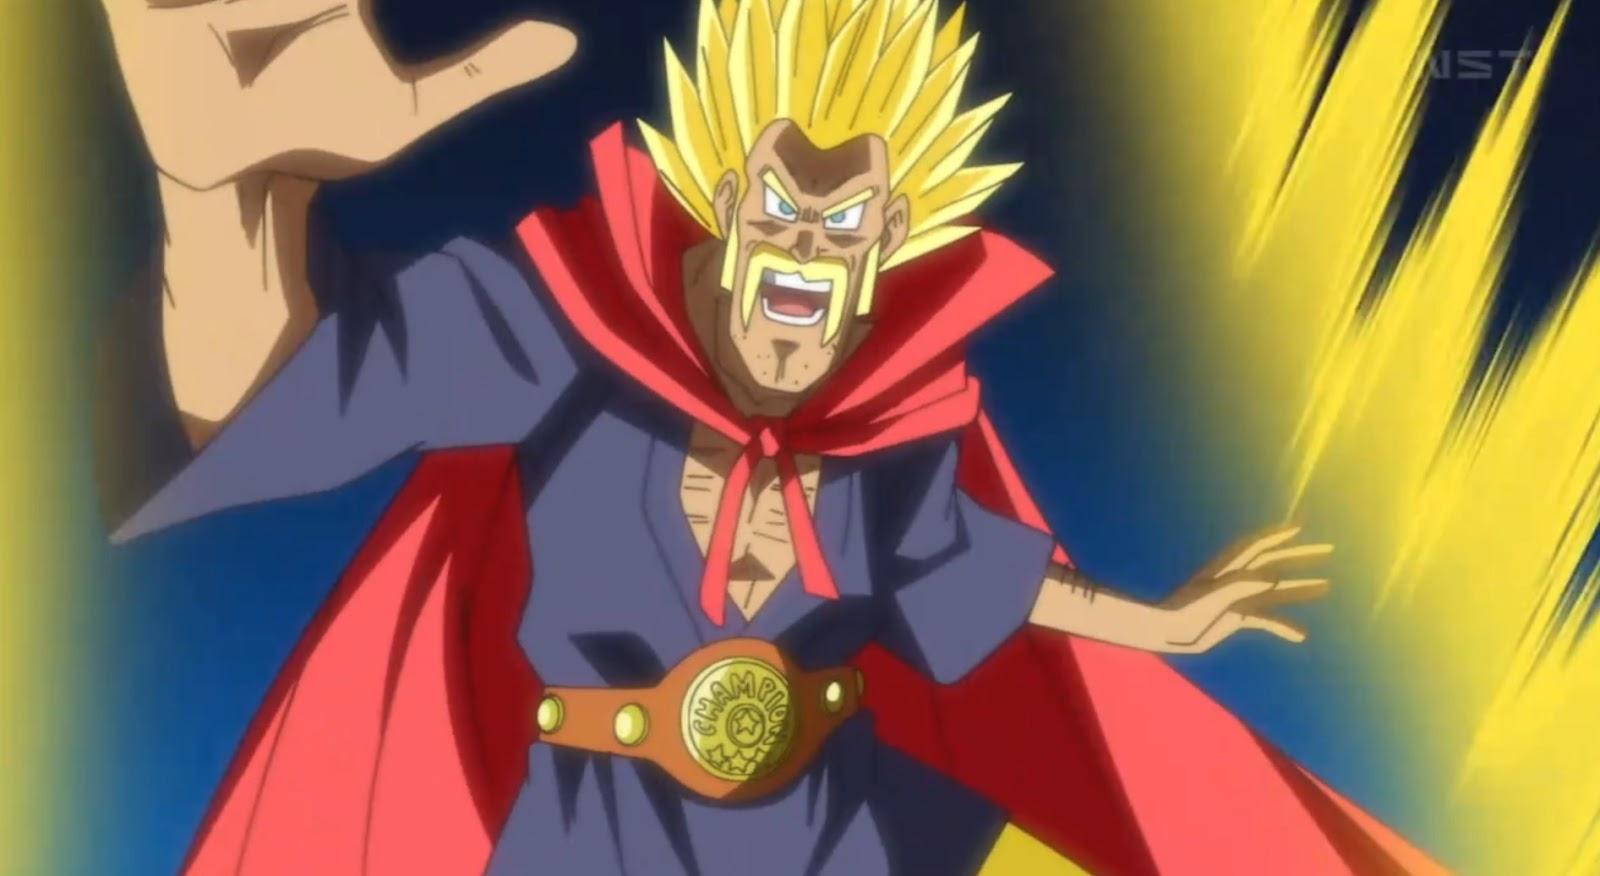 Dragon Ball Super Dublado Episódio 15, Assistir Dragon Ball Super Dublado Episódio 15, Dragon Ball Super Dublado , Dragon Ball Super Dublado - Episódio 15,